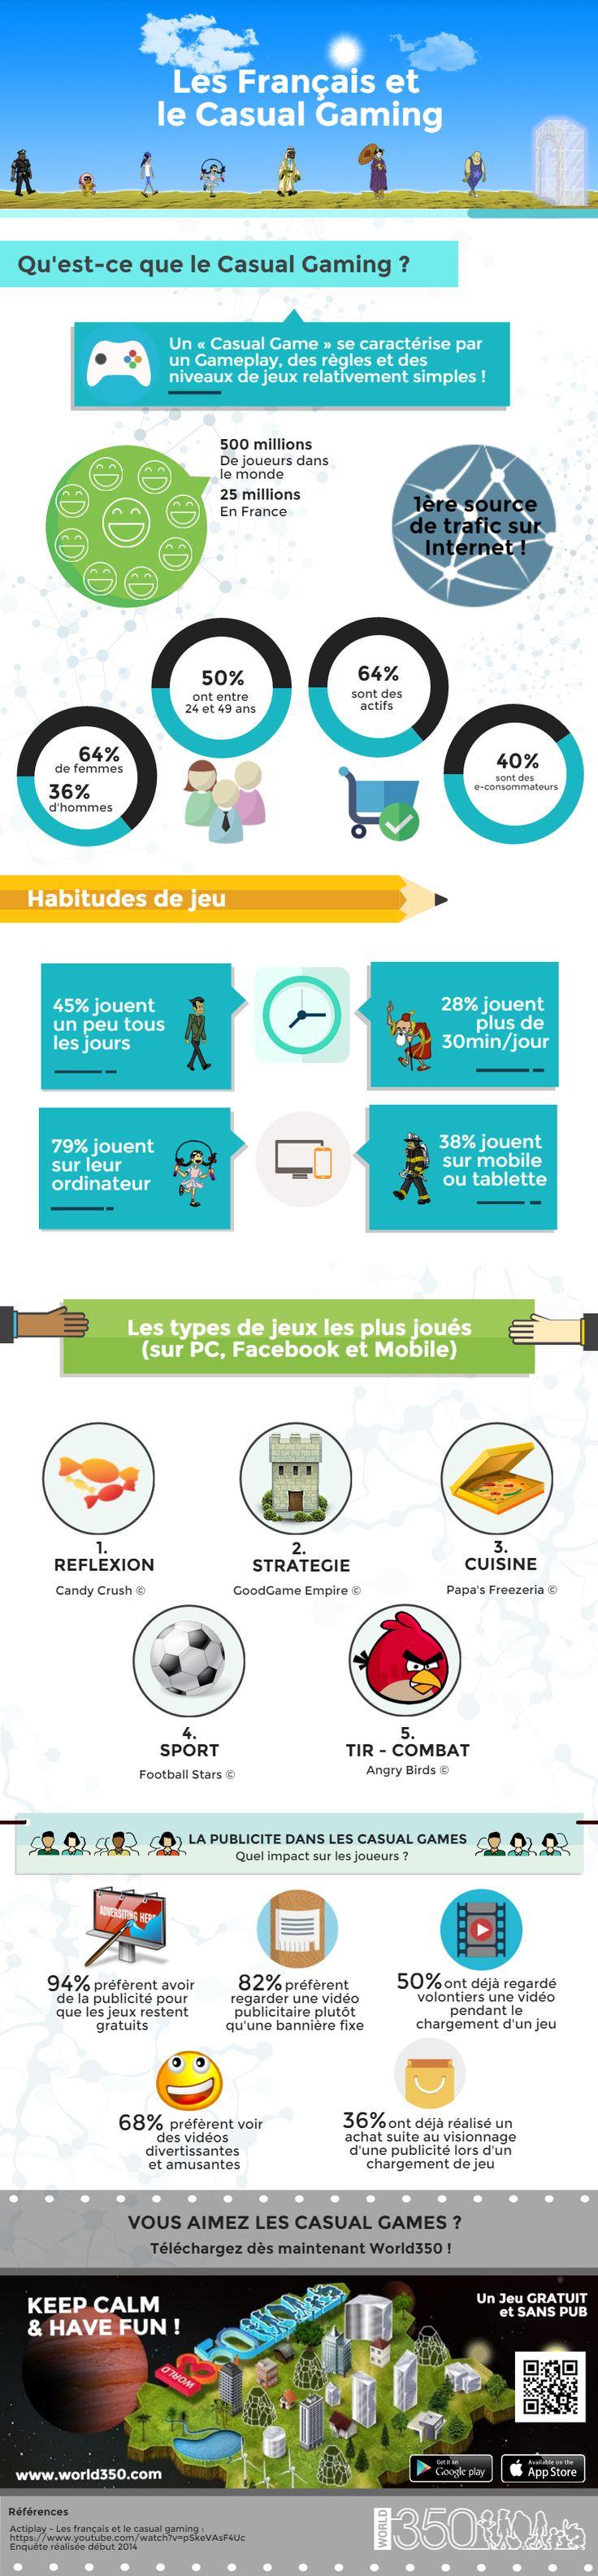 Infographie : Casual Game ? Etude sur le comportement des français et sur les jeux vidéos mobiles. #game #casual #mobile #etude #infographie